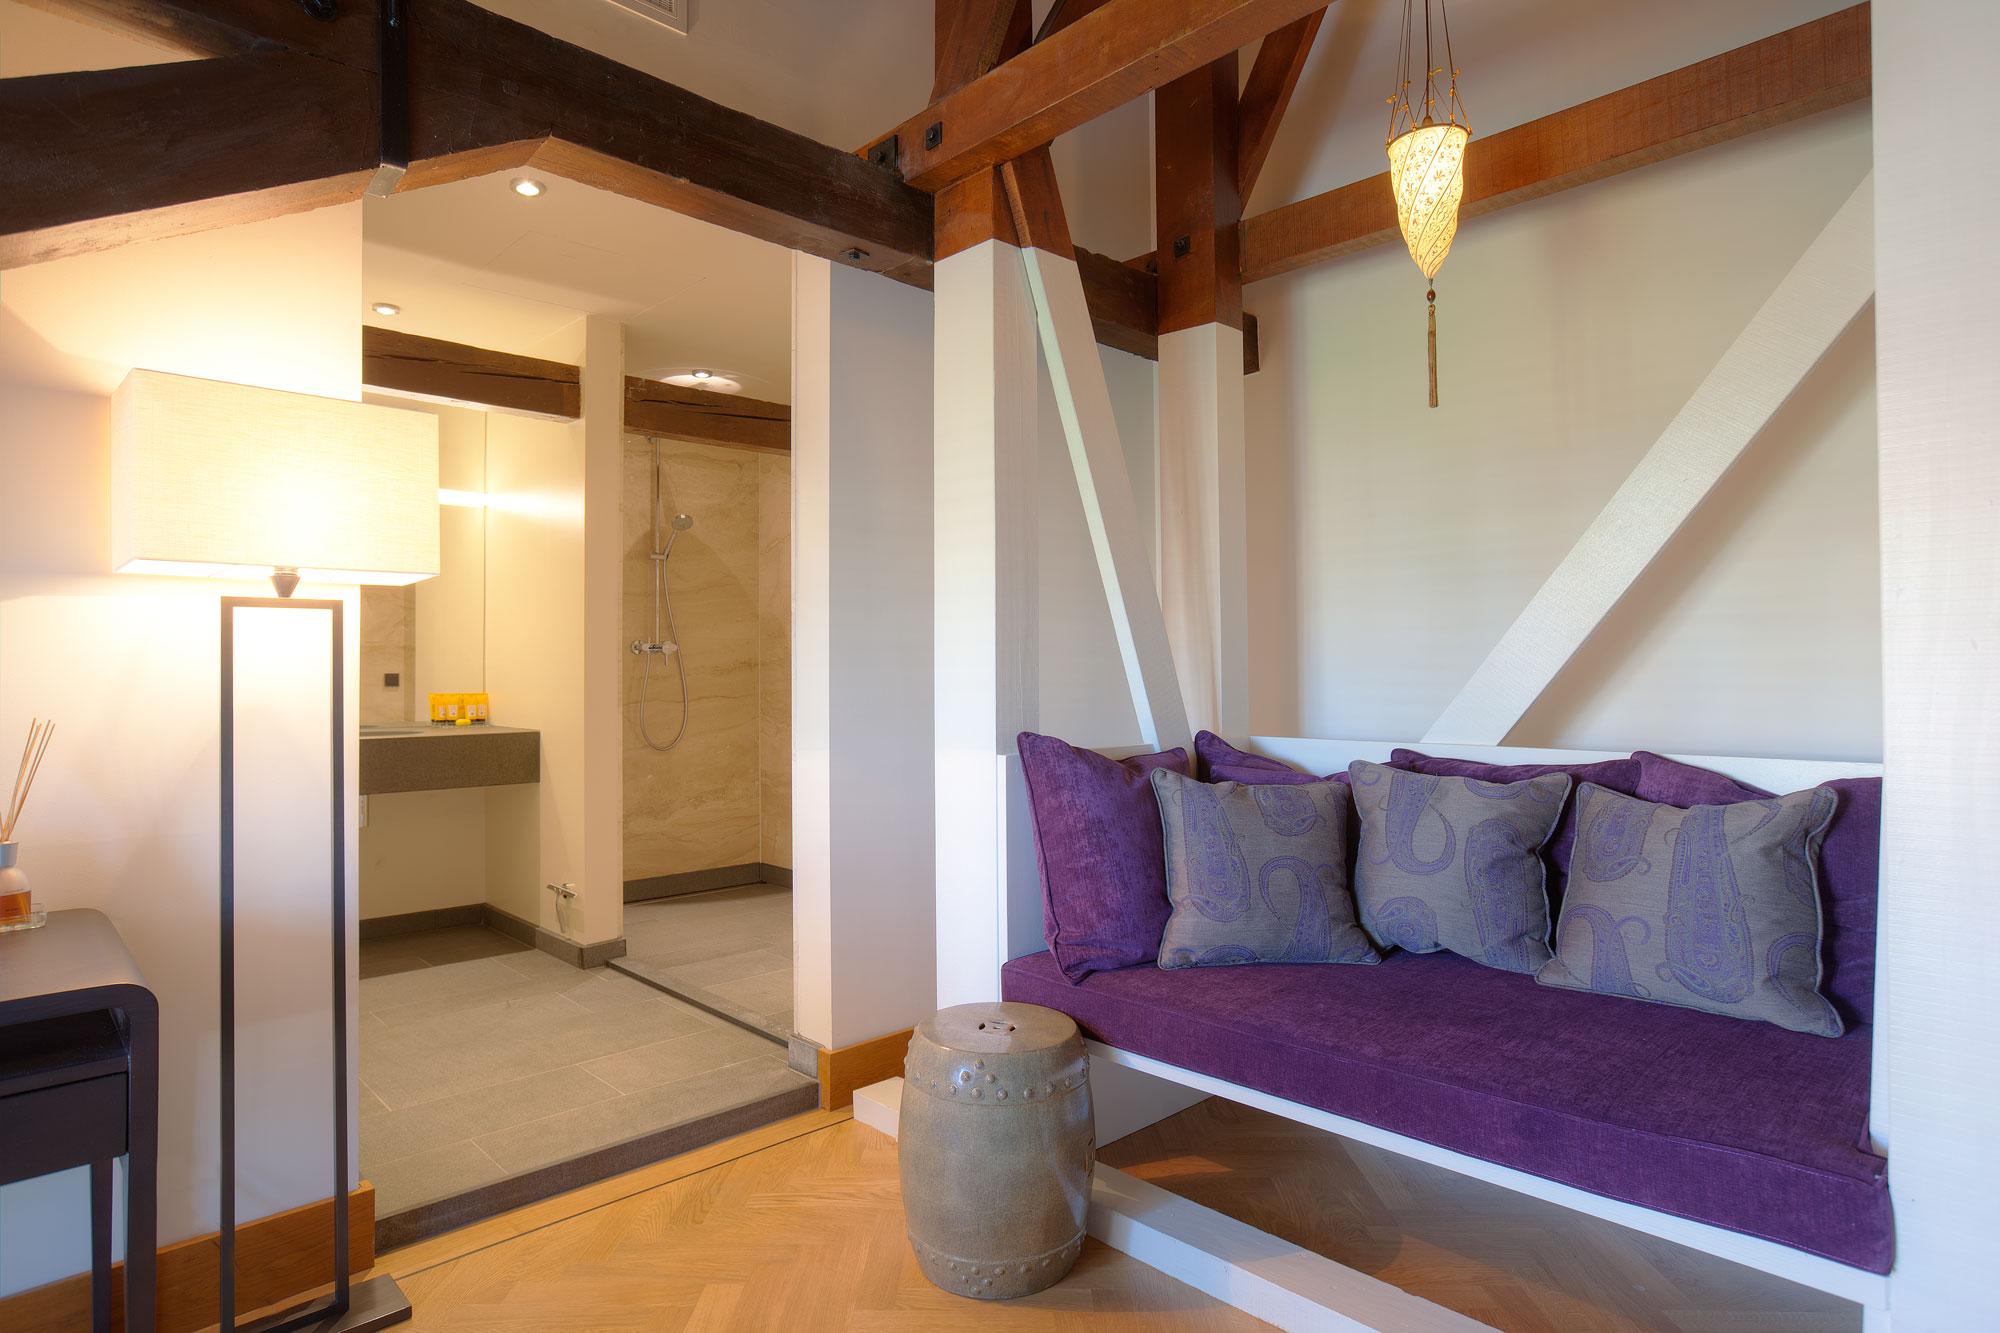 Hotel Prinsenhof 7